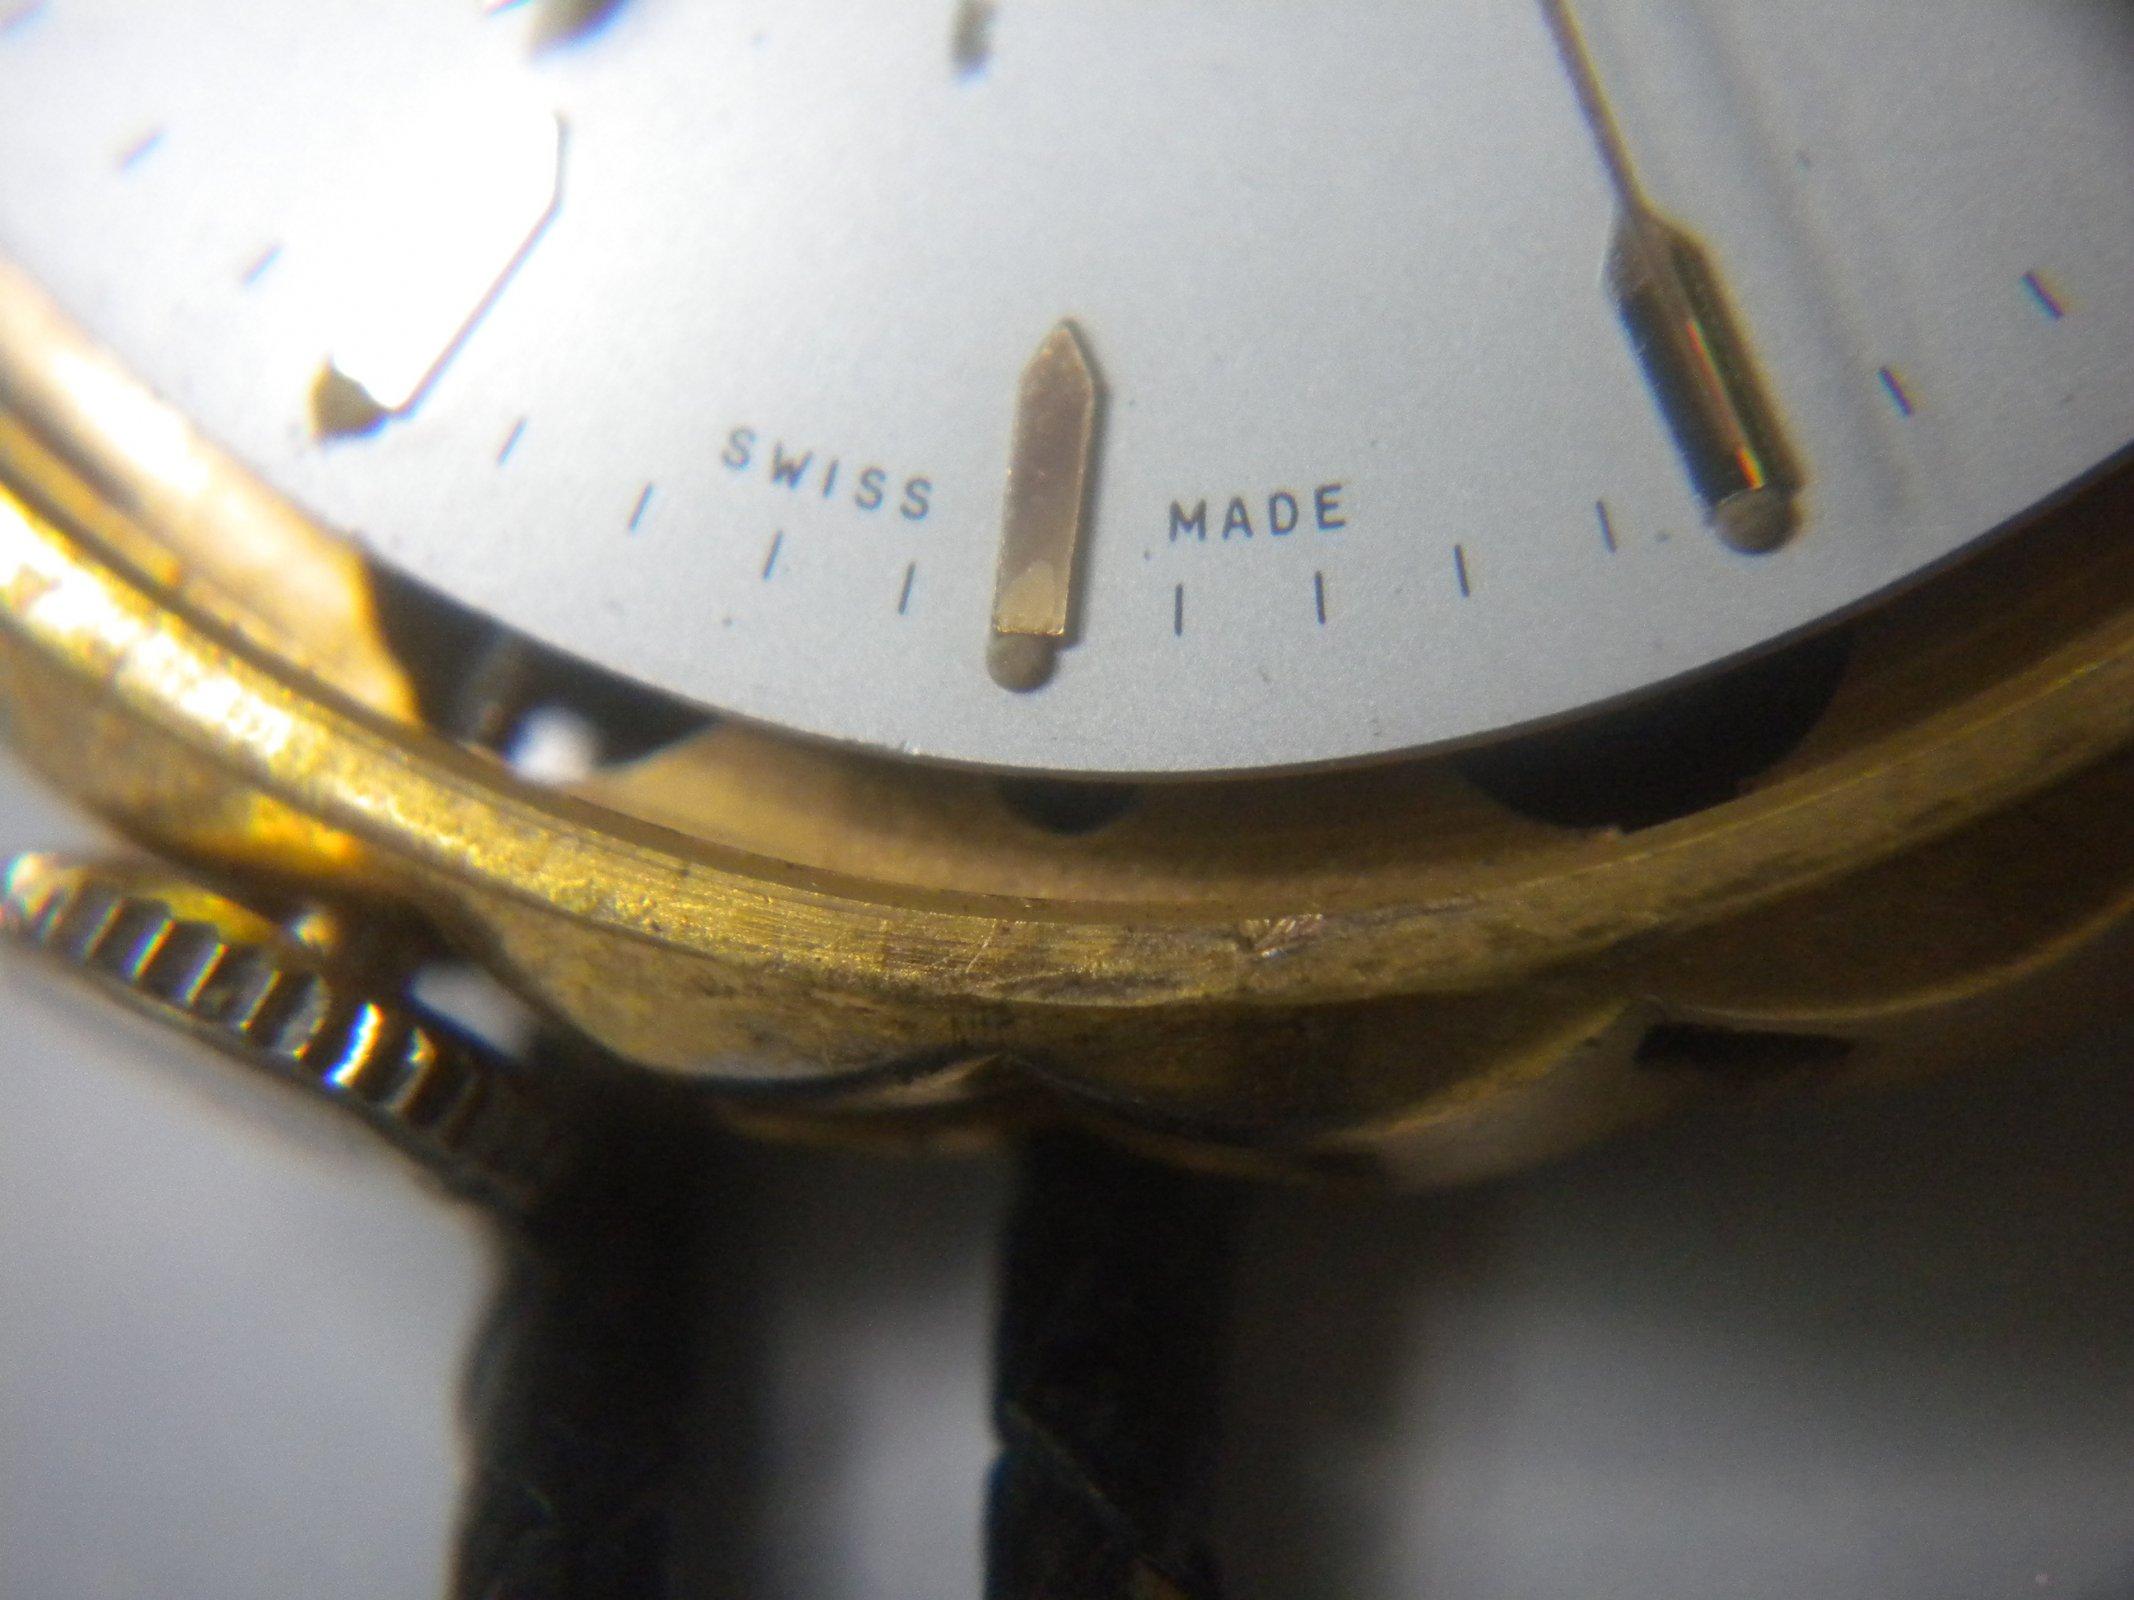 DSCN5709.JPG